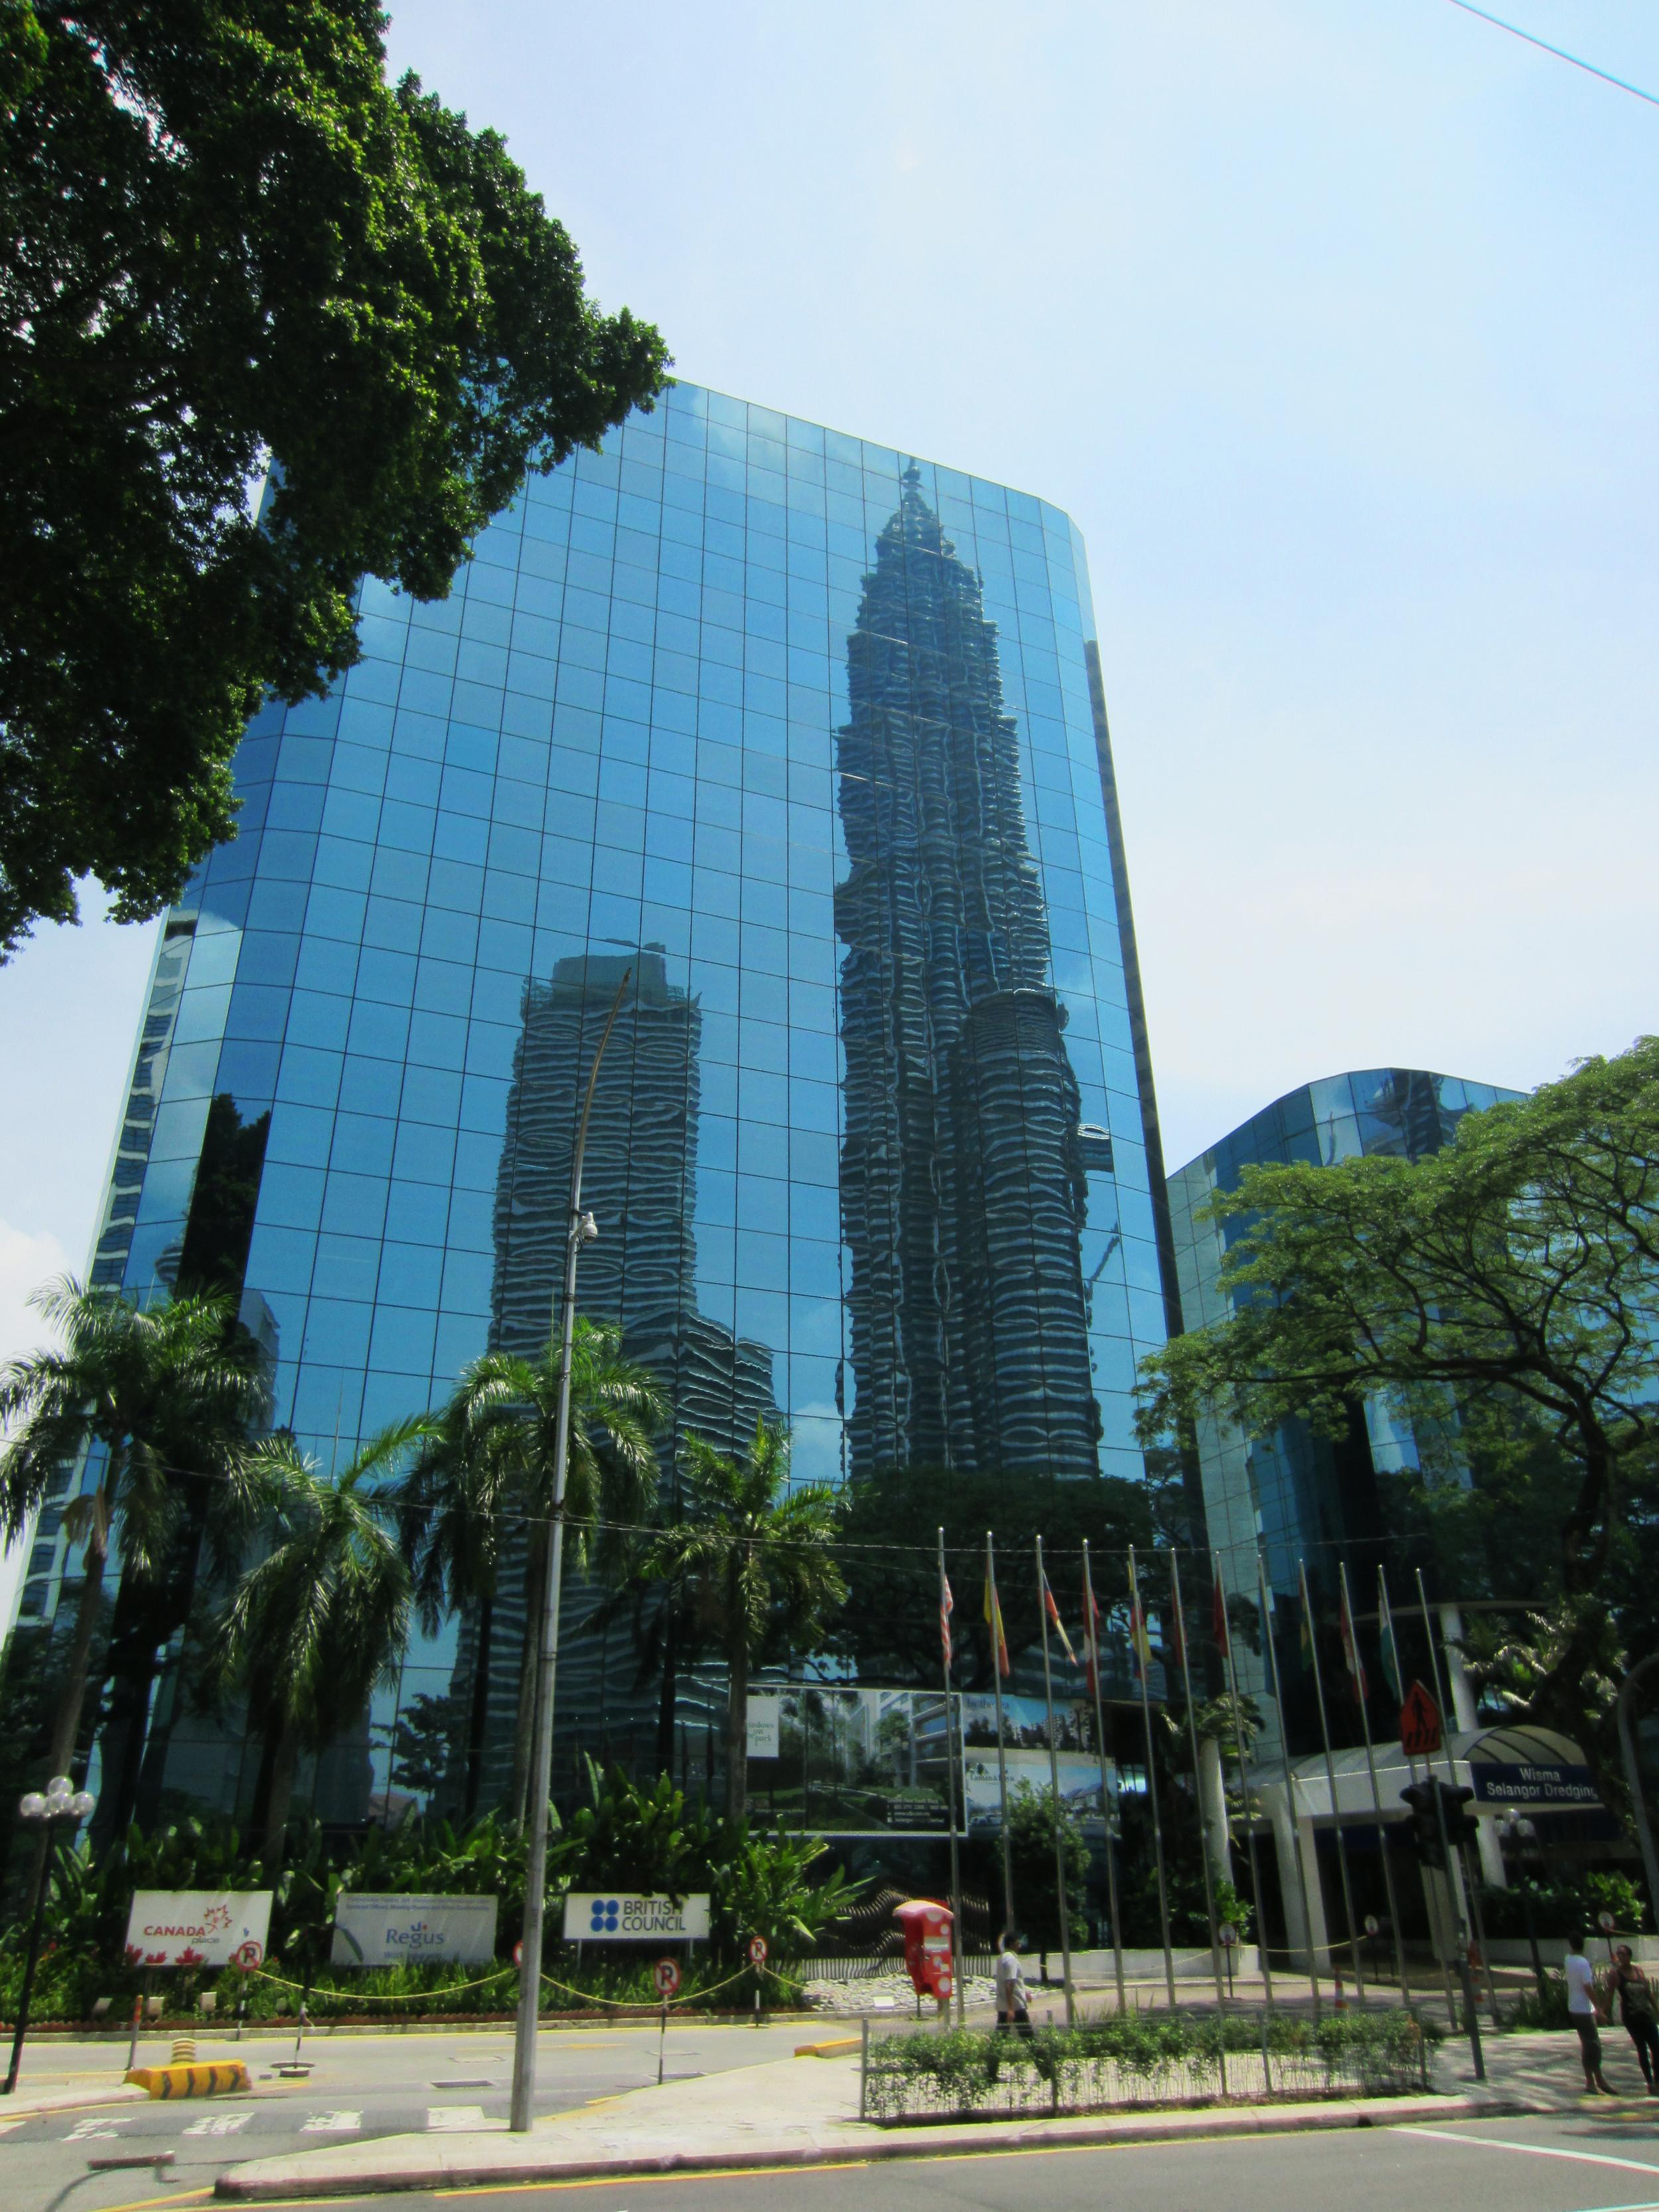 Petronas' Towers - KL, Malaysia